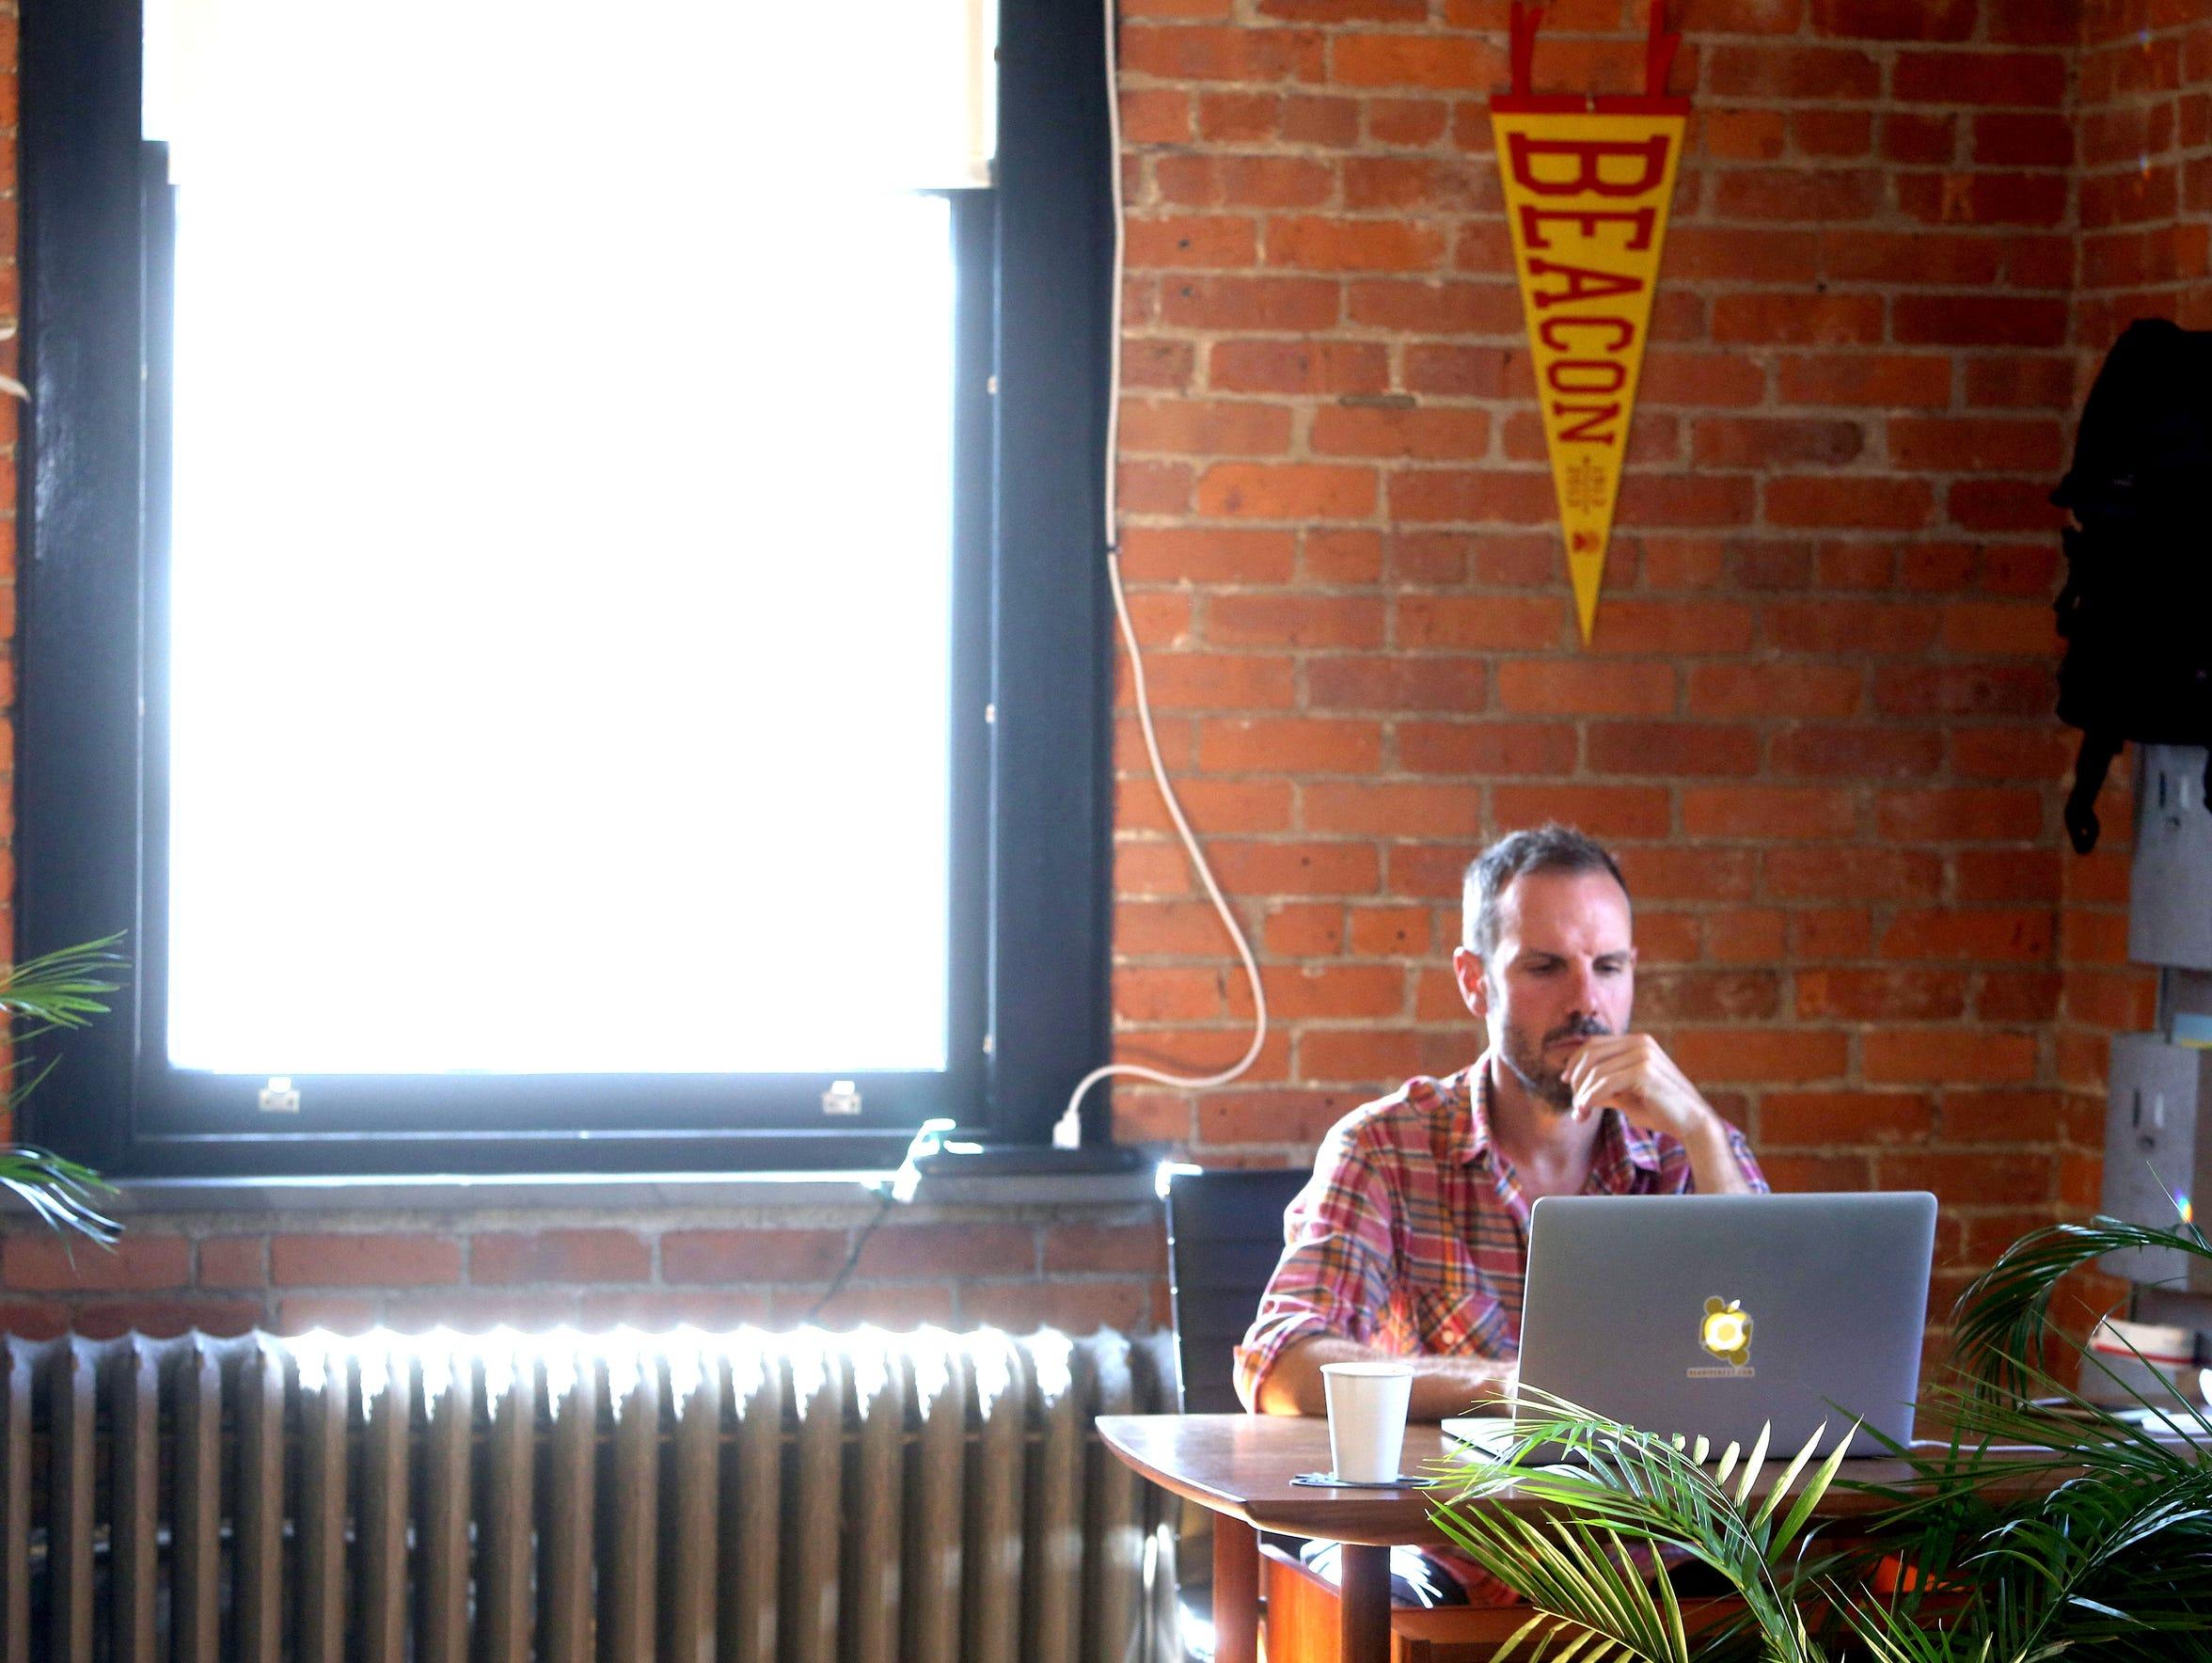 Scott Tillitt, founder of The Beahive, a shared workspace